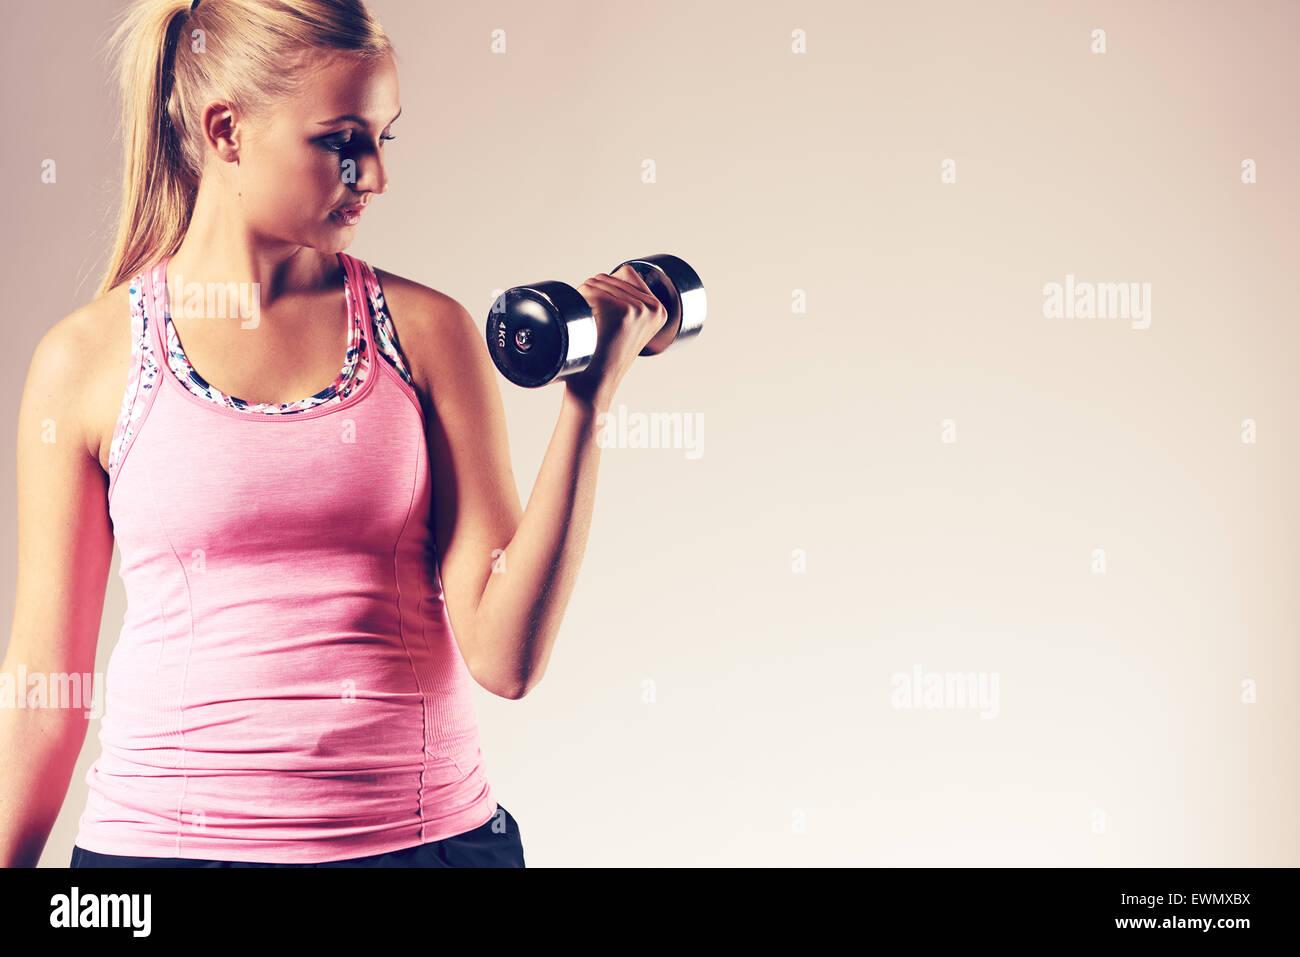 Giovane donna esercita il corpo superiore facendo un bicipite curl con un peso libero. Immagini Stock